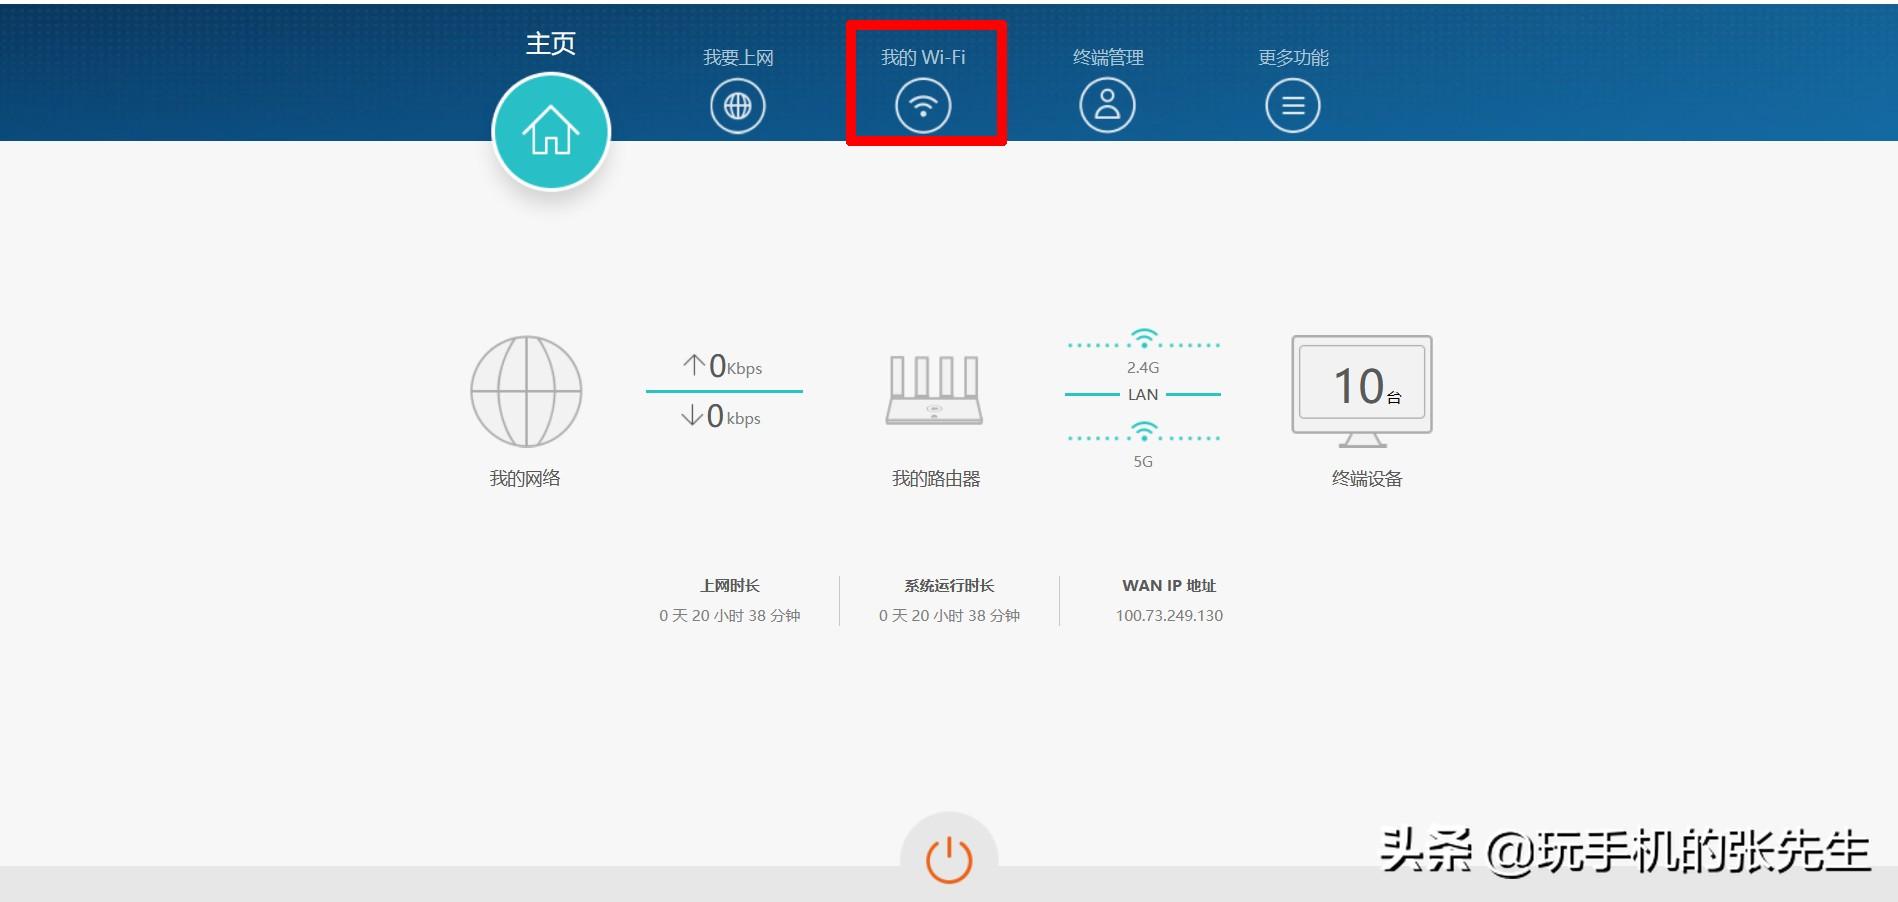 路由器5g频段怎么设置(修改路由器频段的详细操作教程)